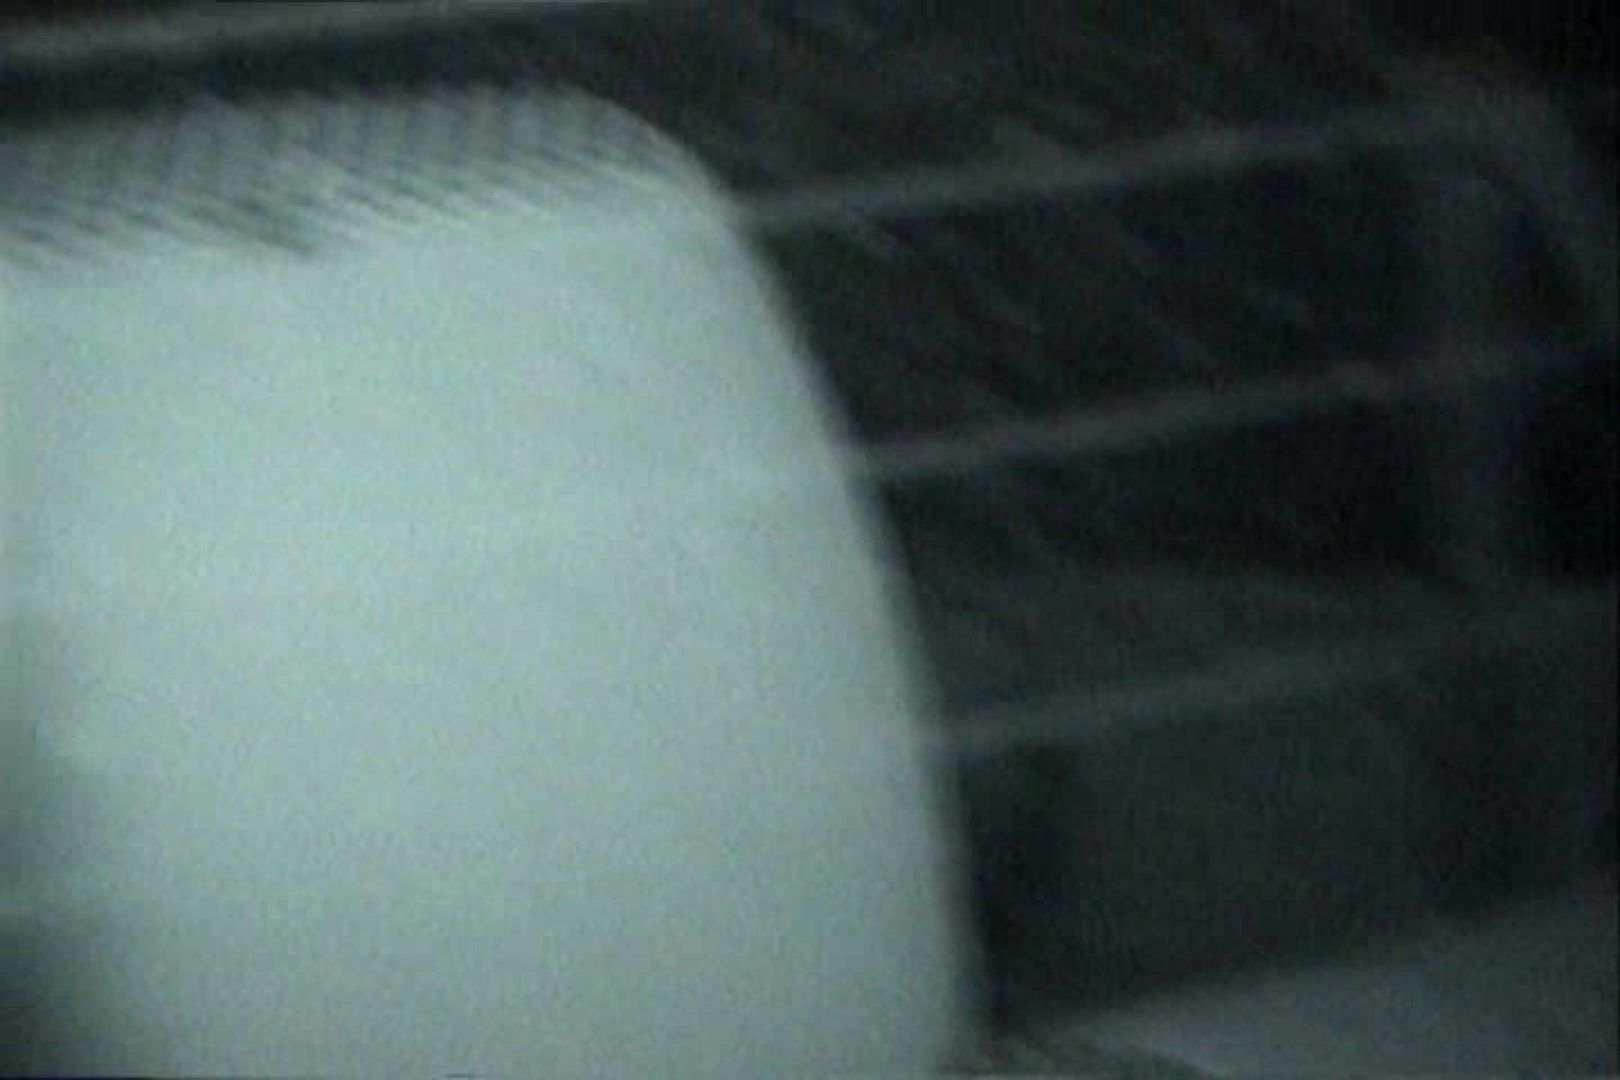 充血監督の深夜の運動会Vol.149 車 オマンコ無修正動画無料 95pic 14